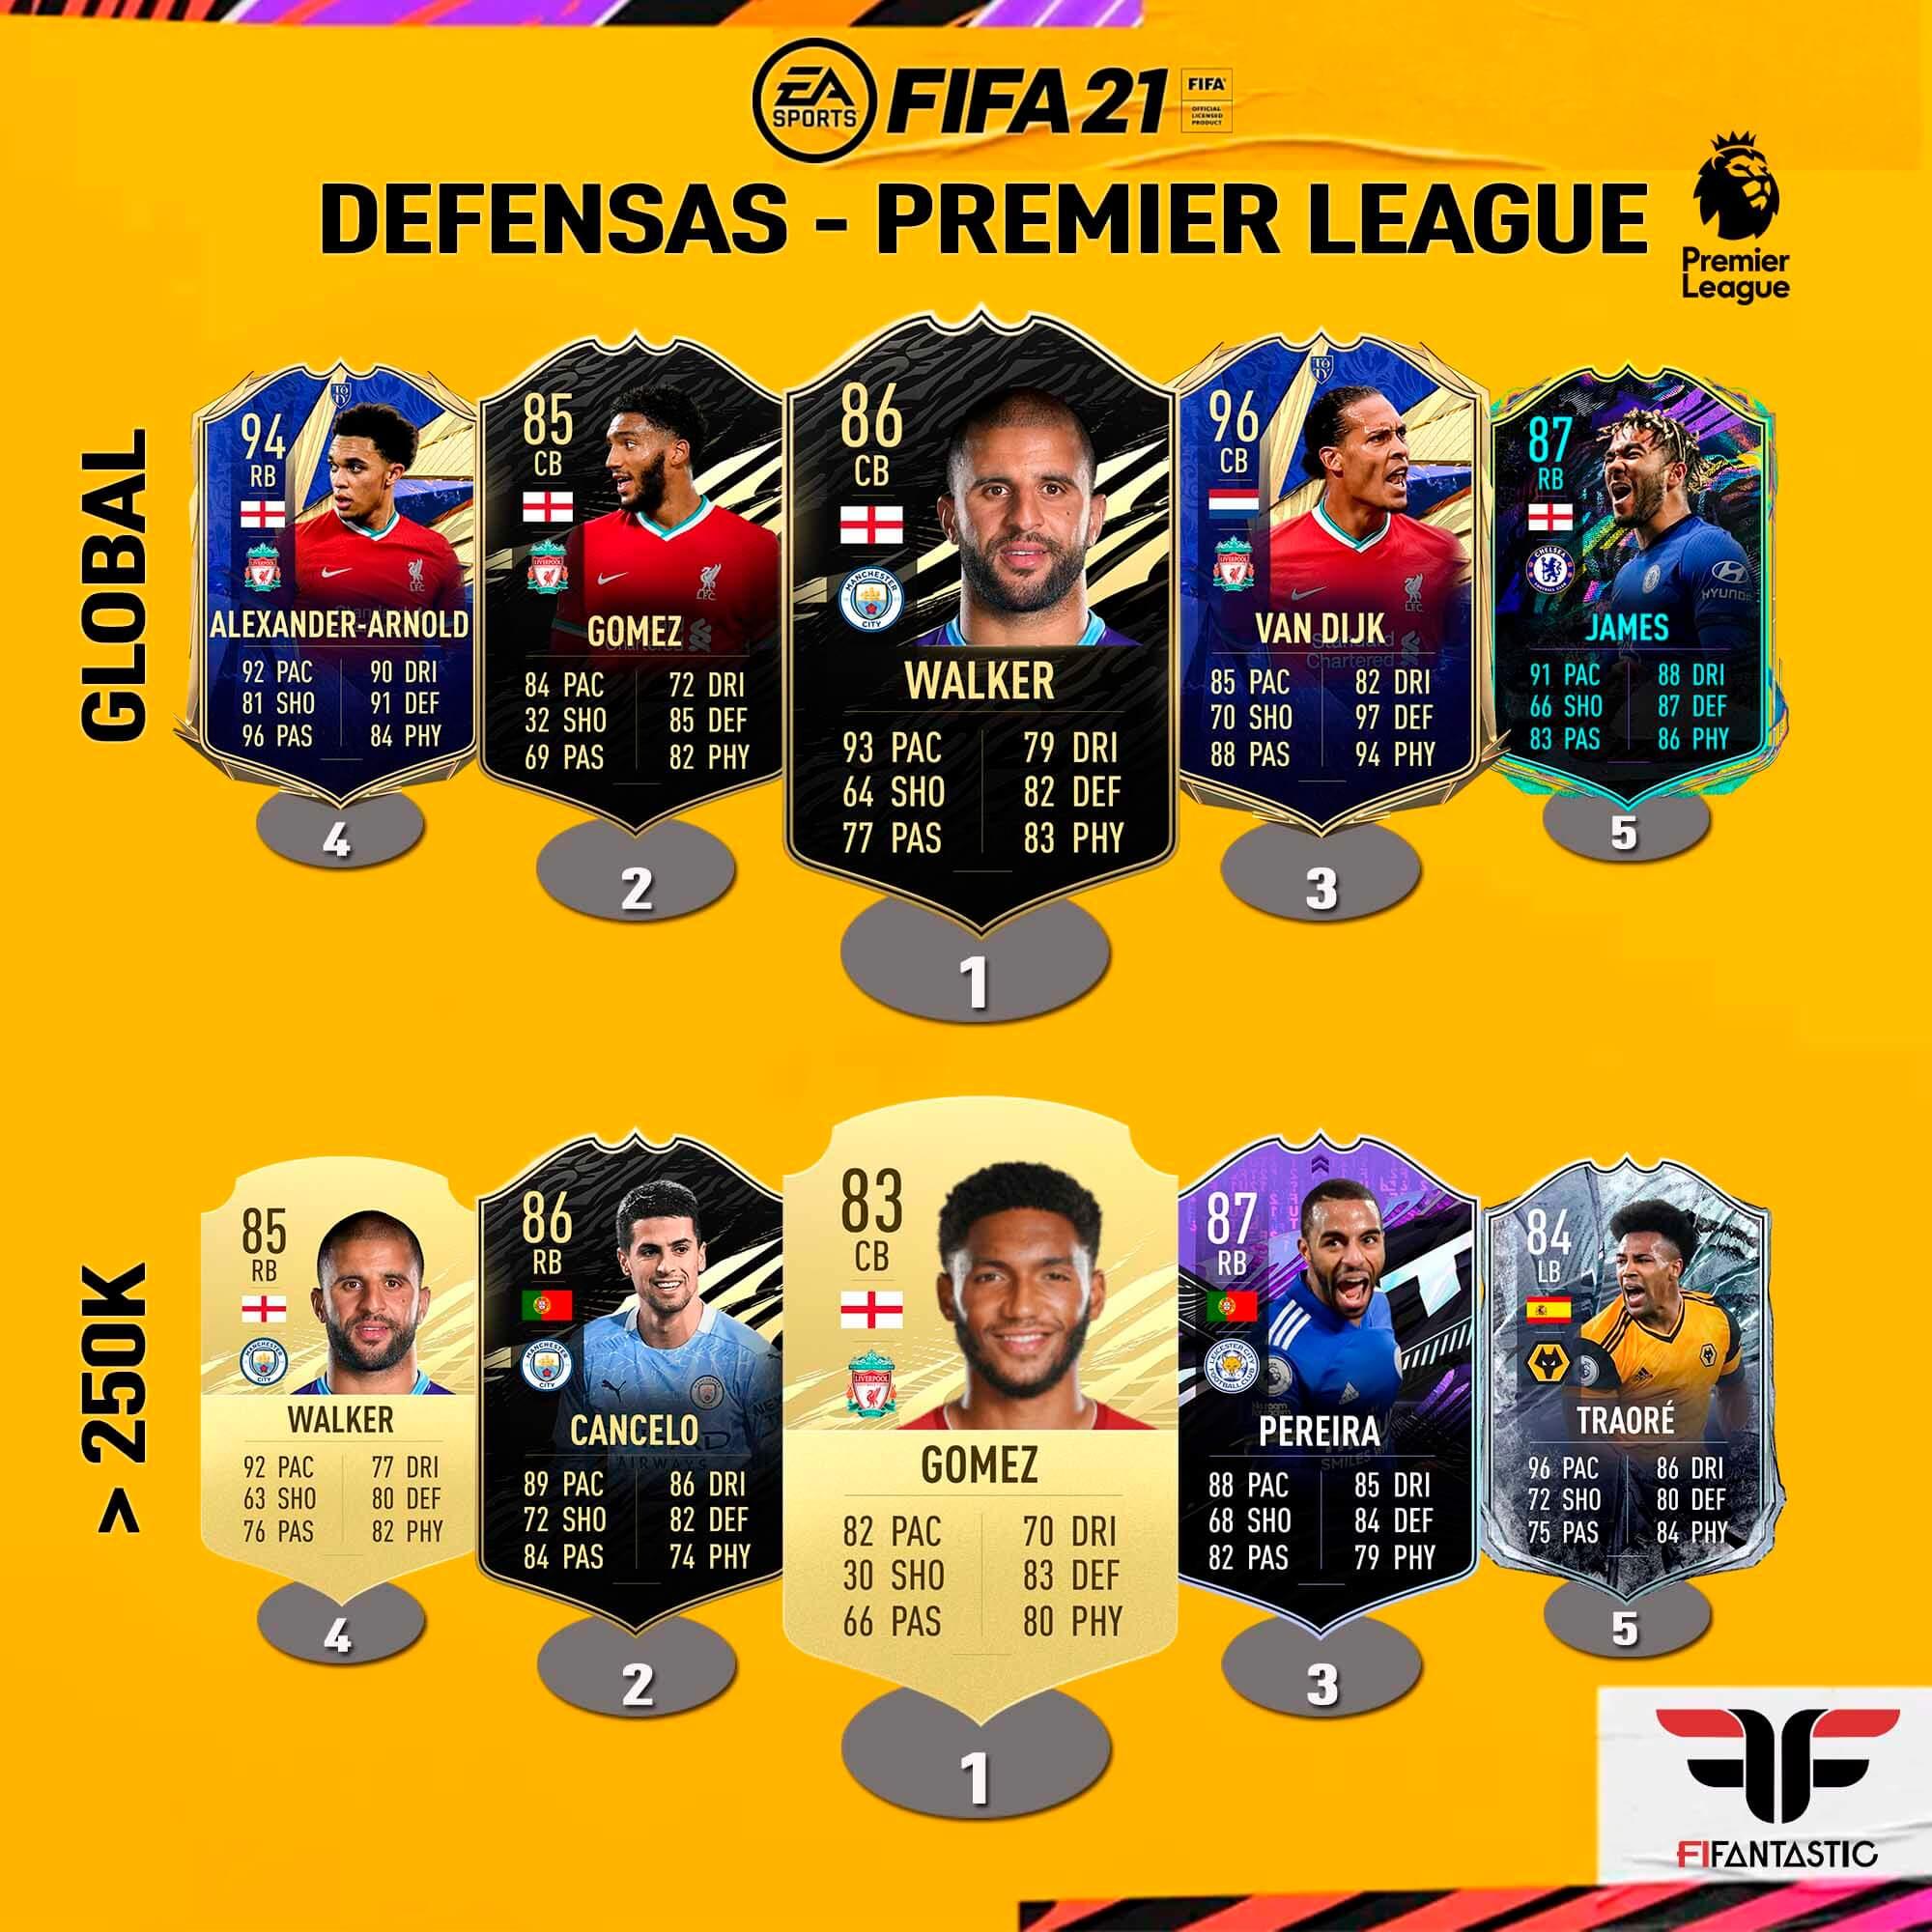 Los jugadores más Meta de la Premier League